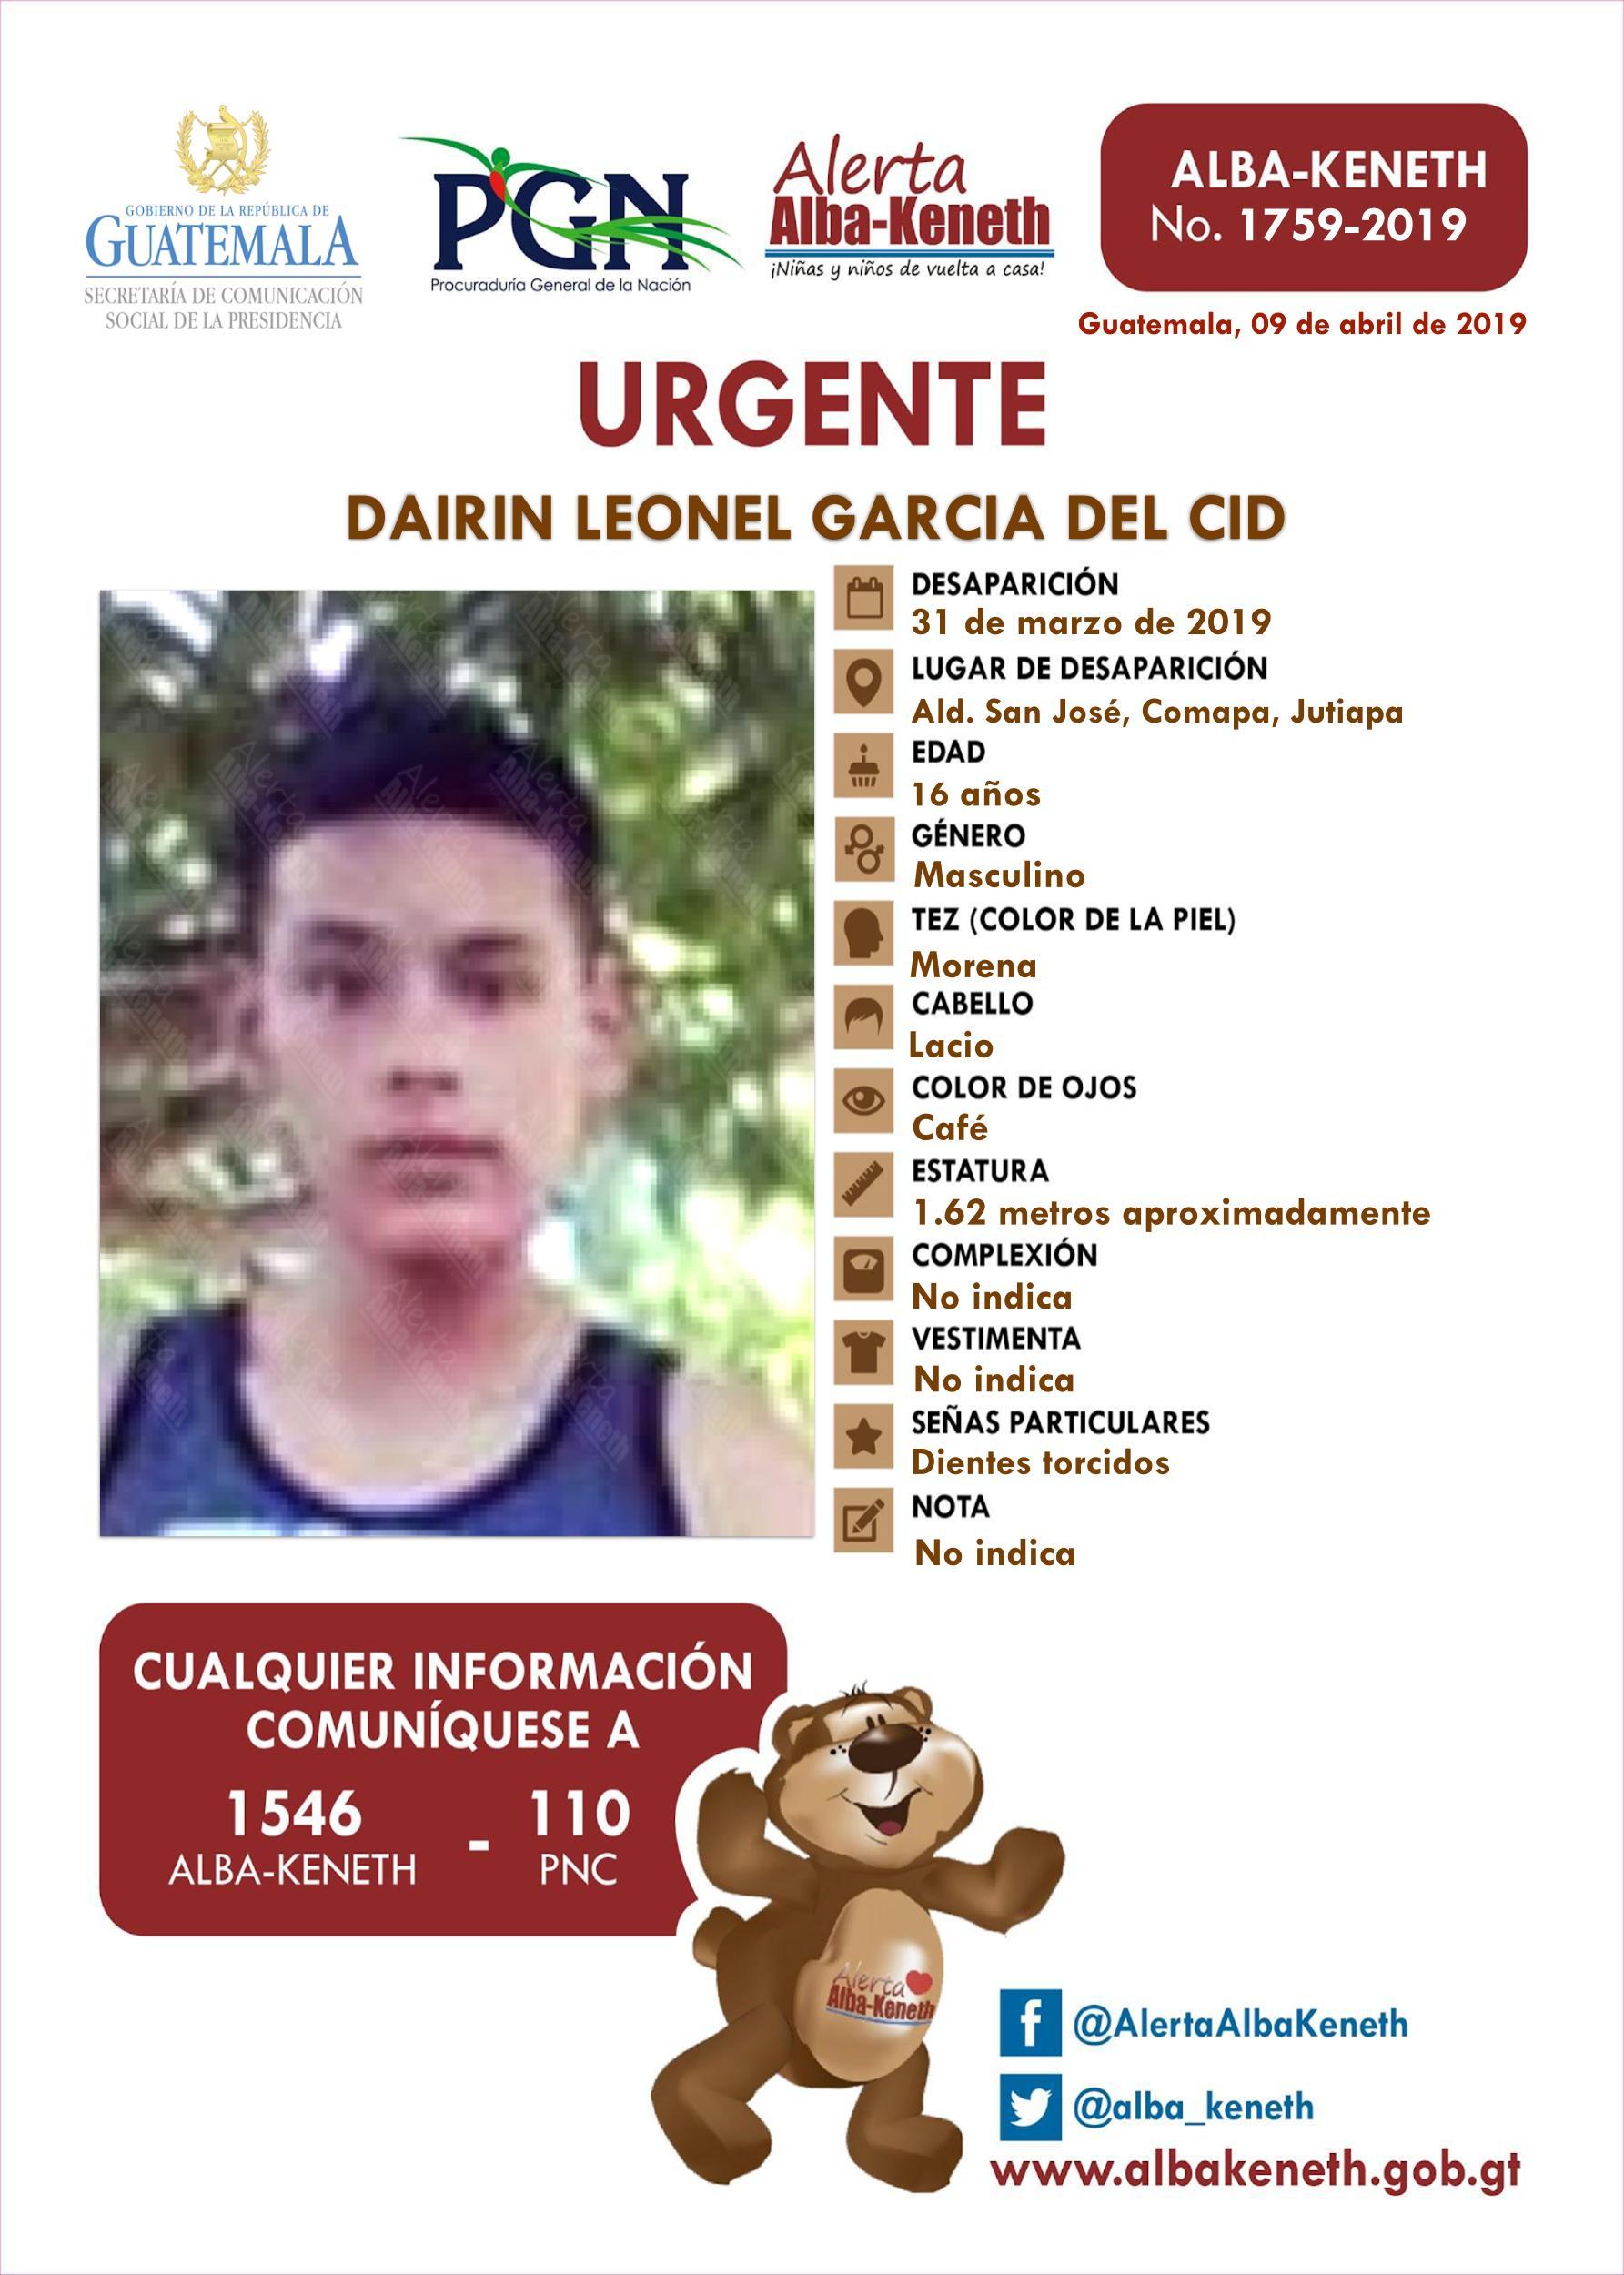 Dairin Leonel Garcia del Cid